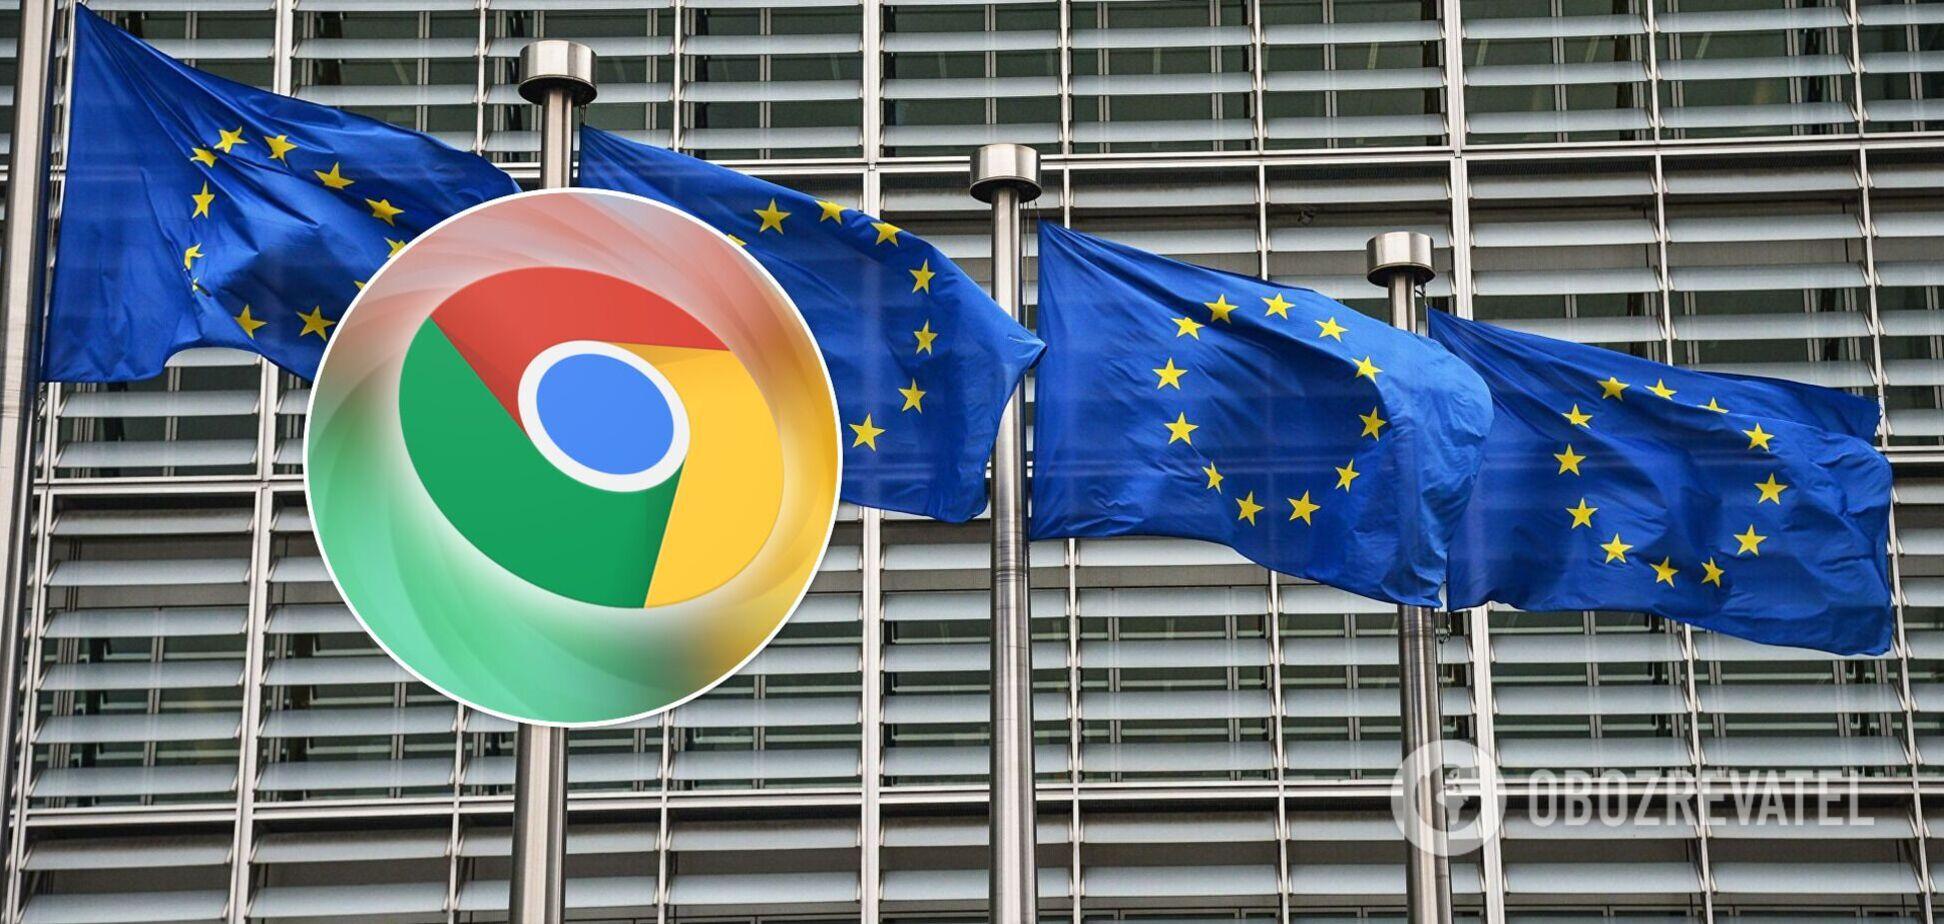 Google обвинили в монополизации интернет-рынков: Еврокомиссия начала расследование